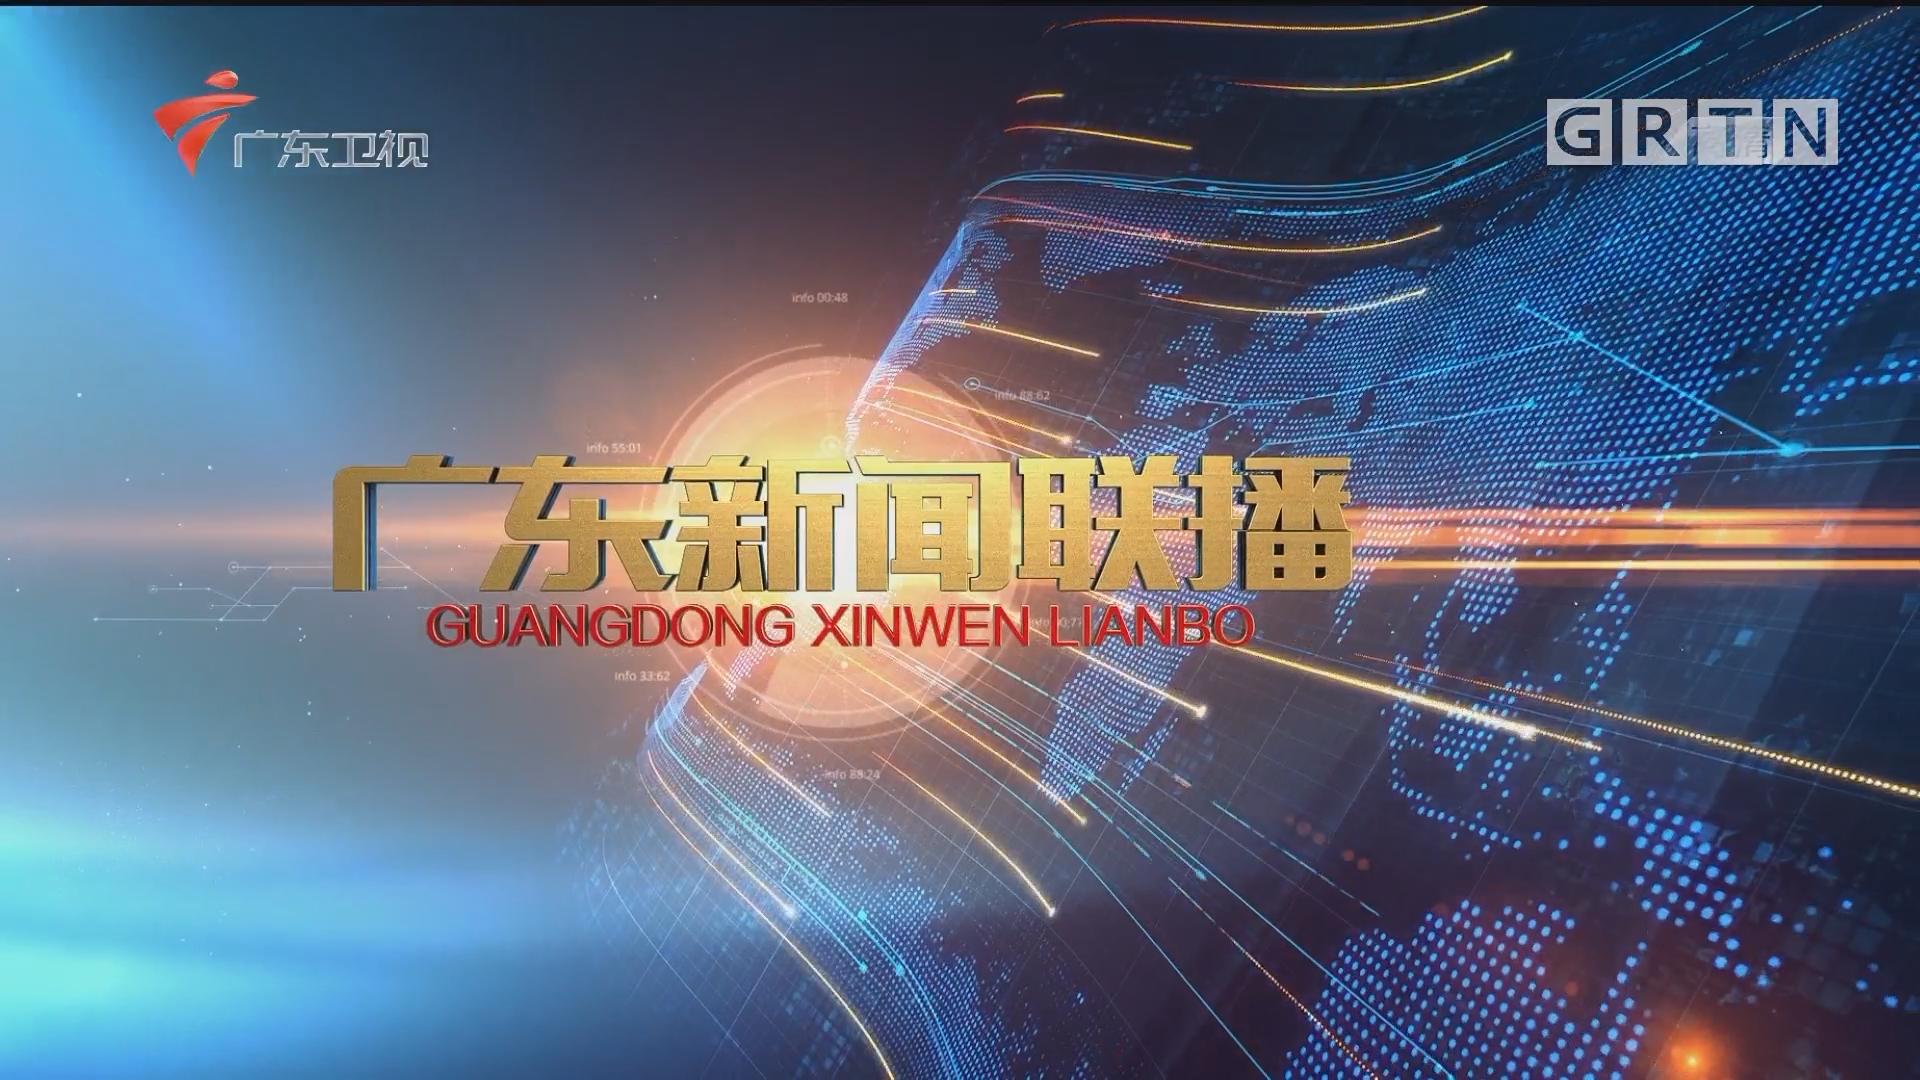 [HD][2017-12-08]广东新闻联播:决胜冲刺全面小康 大步迈向美好明天